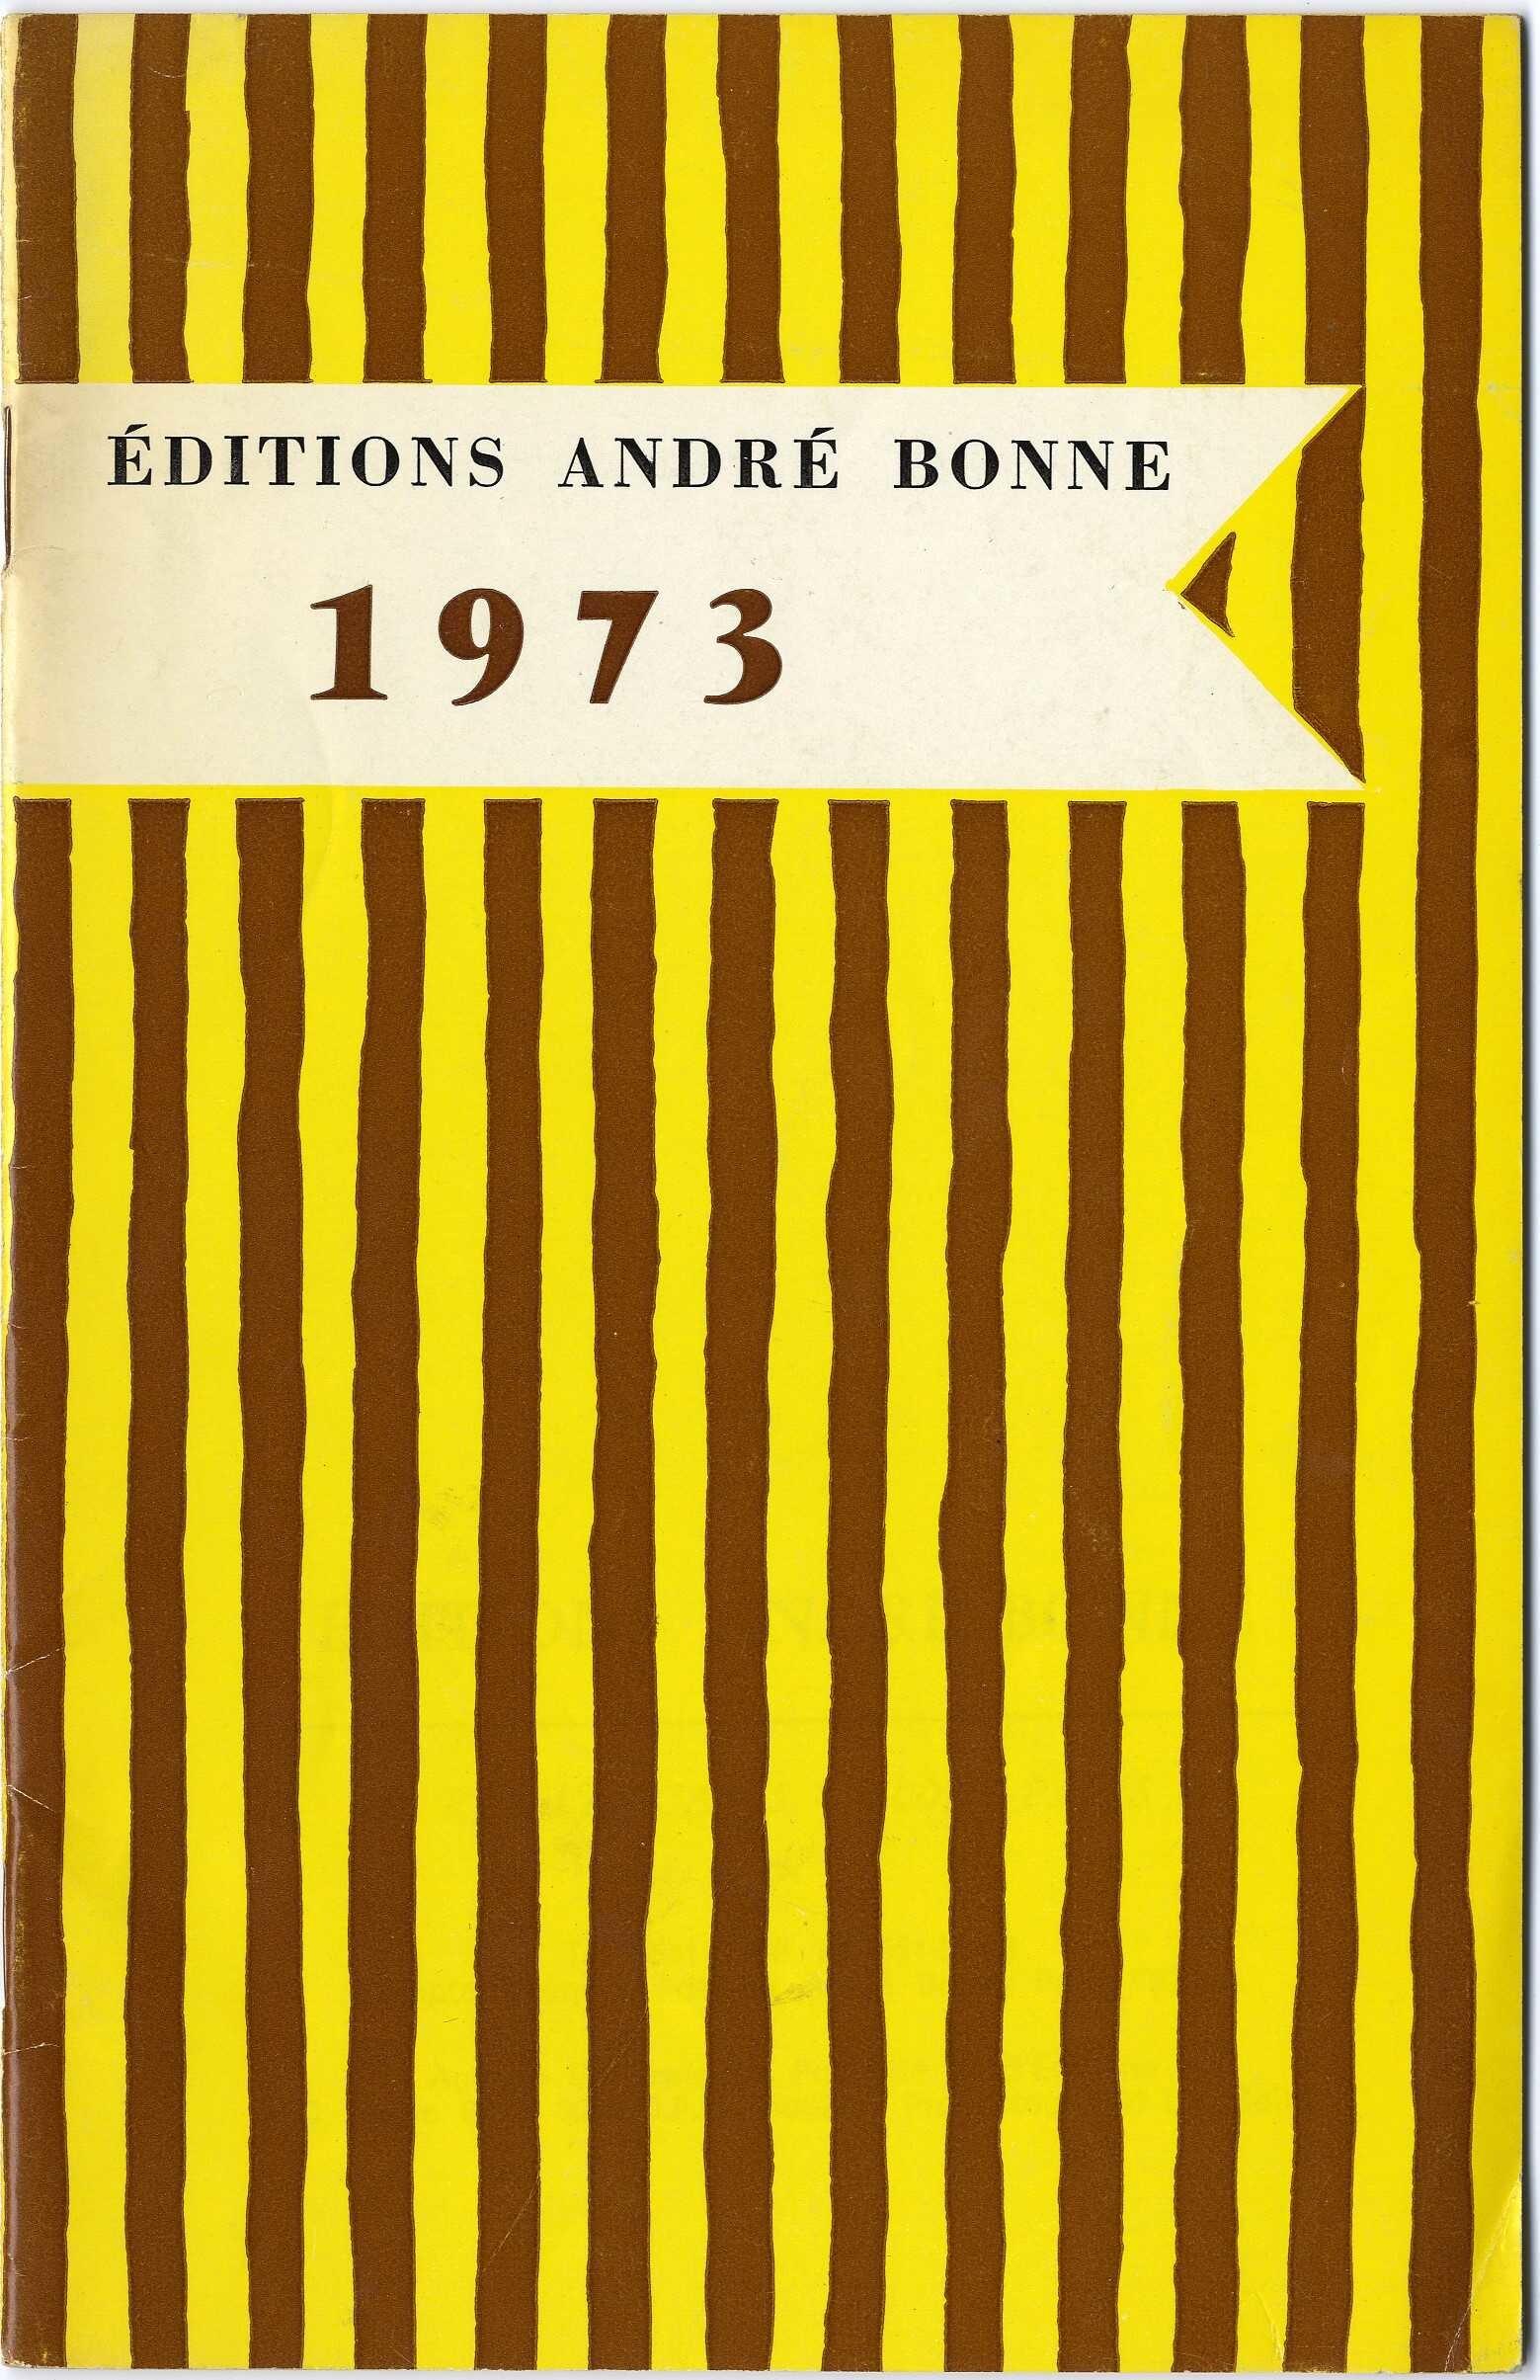 image for Éditions André Bonne